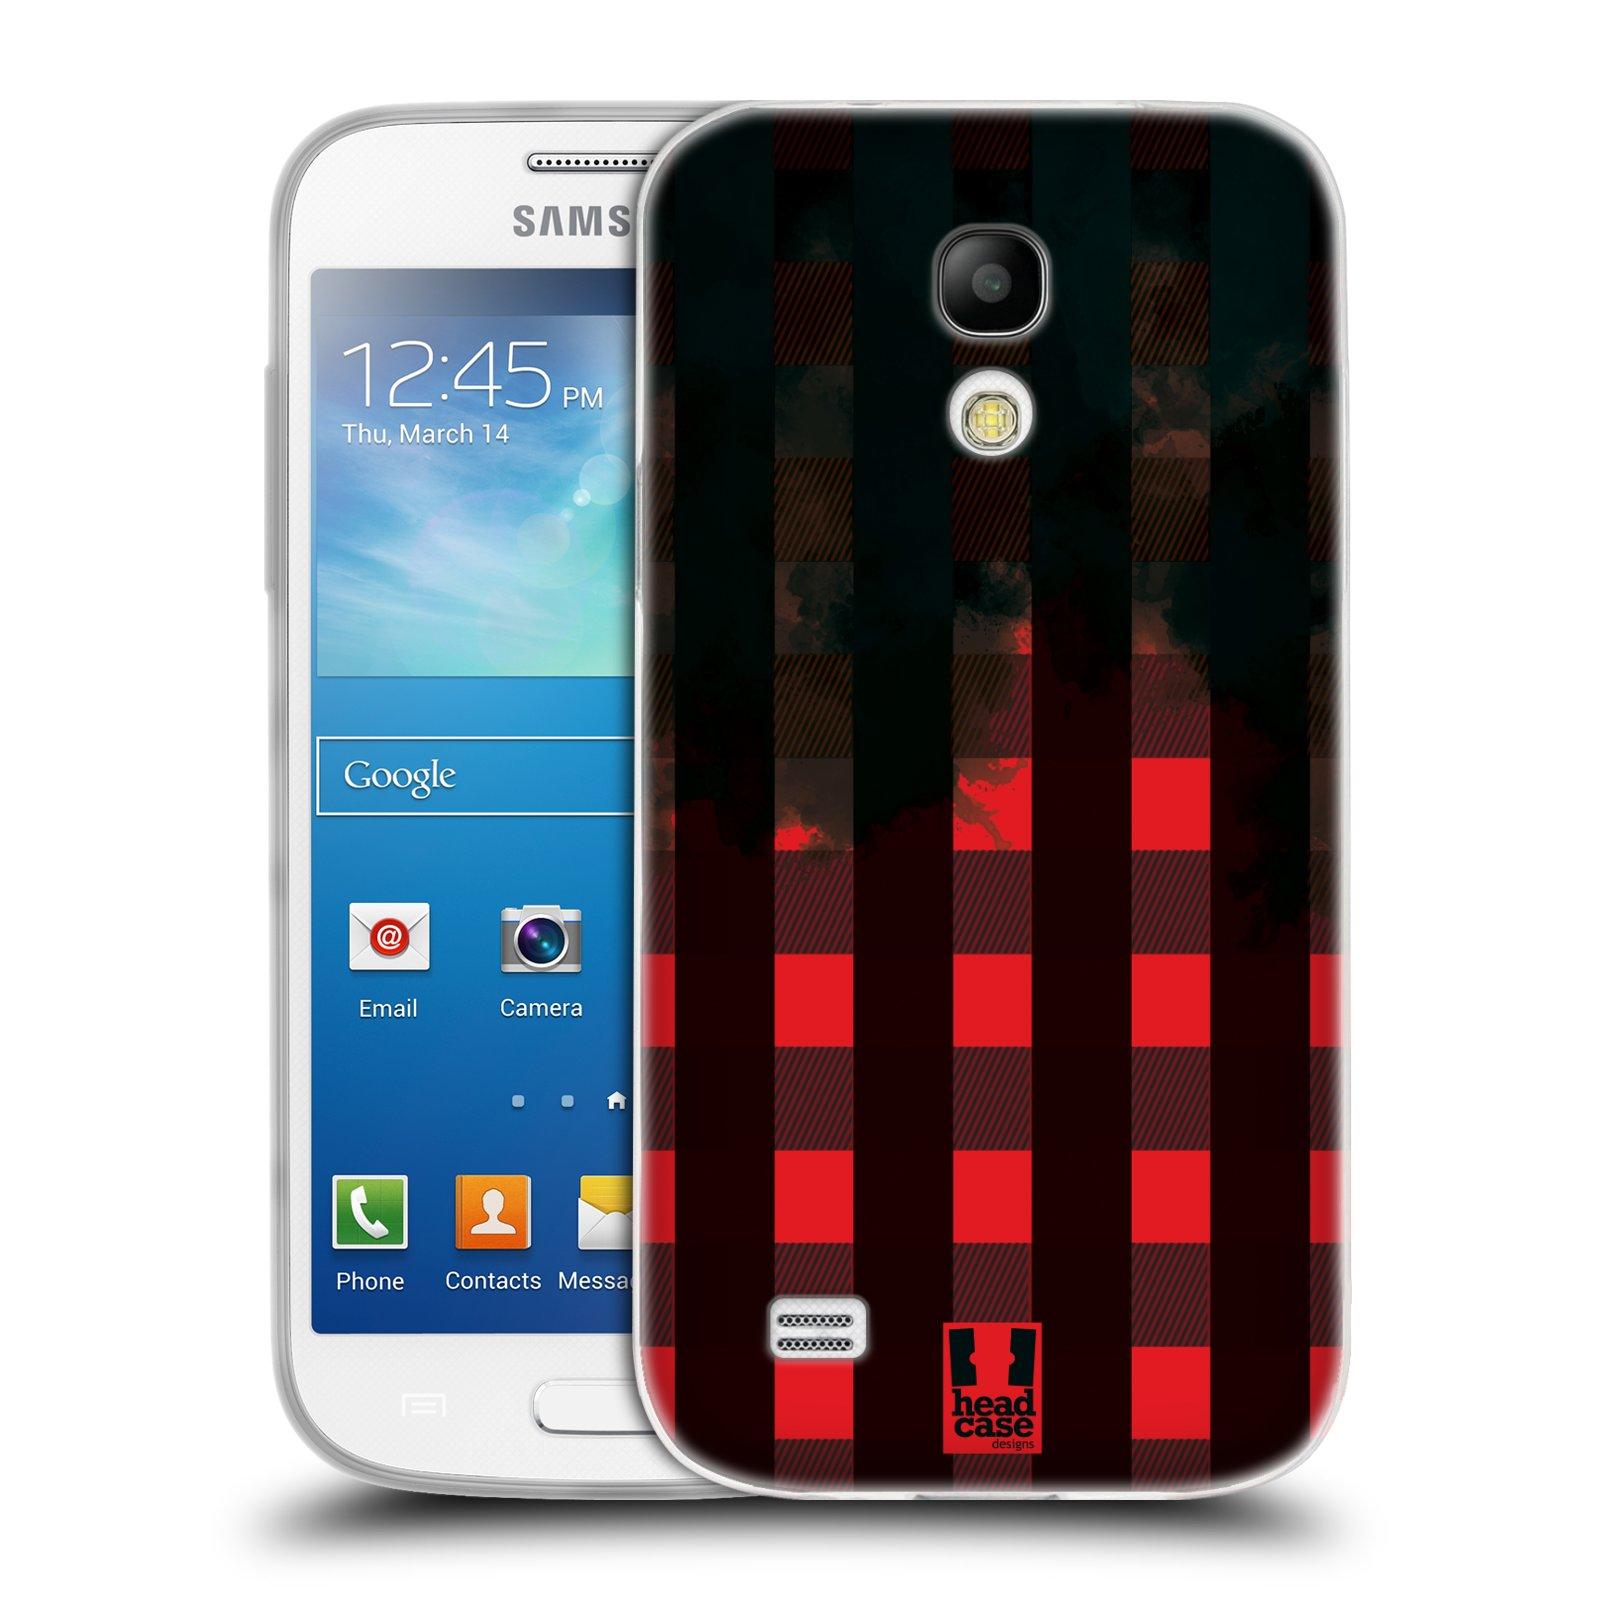 Silikonové pouzdro na mobil Samsung Galaxy S4 Mini HEAD CASE FLANEL RED BLACK (Silikonový kryt či obal na mobilní telefon Samsung Galaxy S4 Mini GT-i9195 / i9190 (nepasuje na verzi Black Edition))